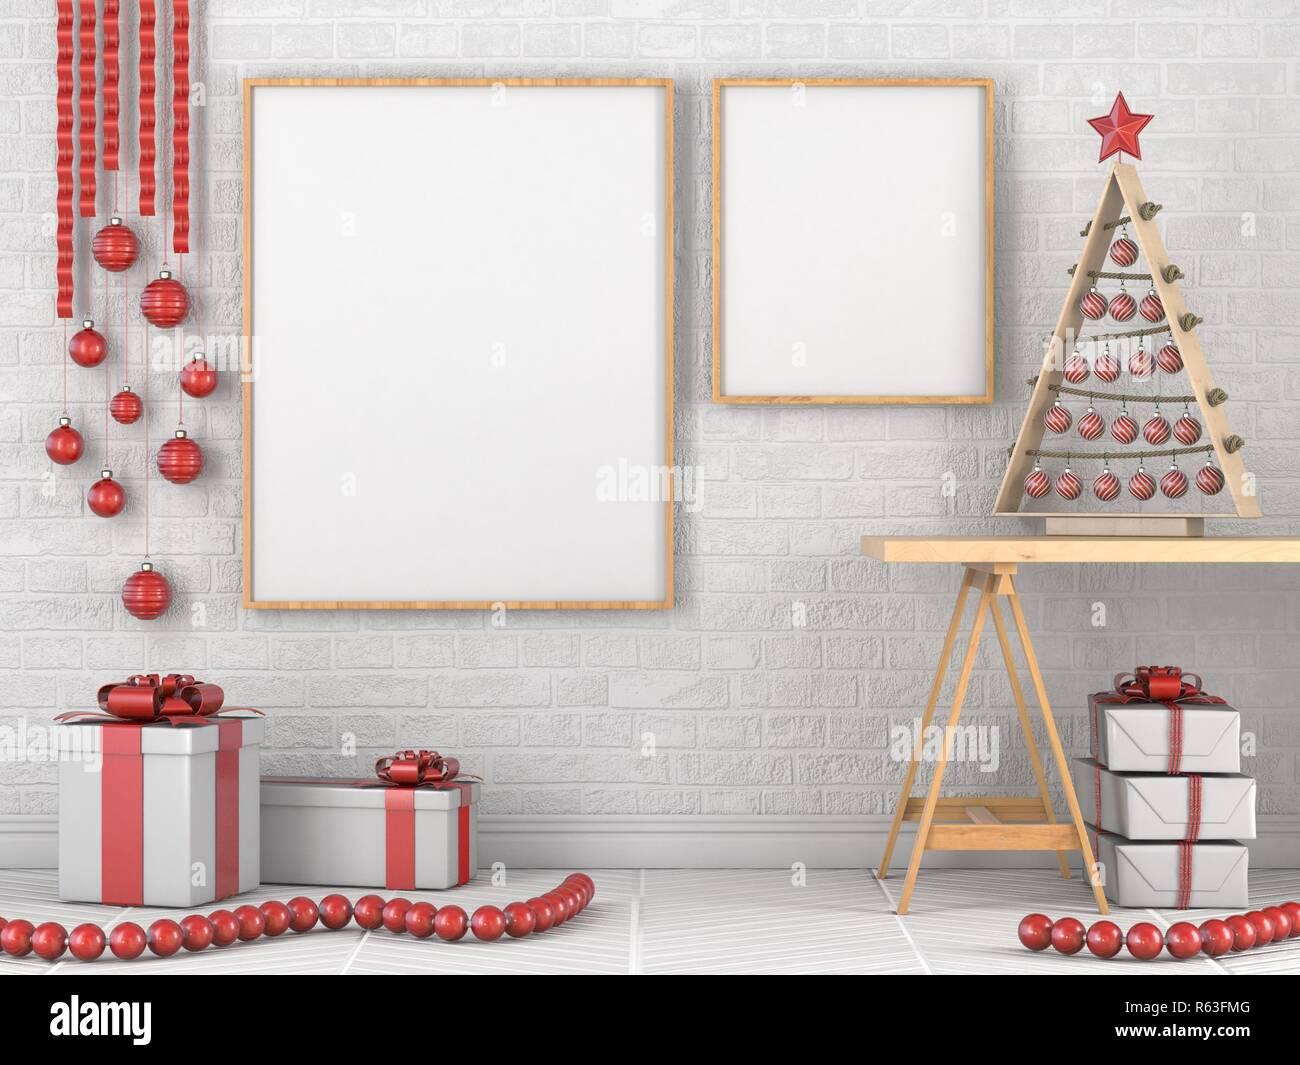 Bis Mock Leer Holz Bilderrahmen Weihnachten Dekoration Und